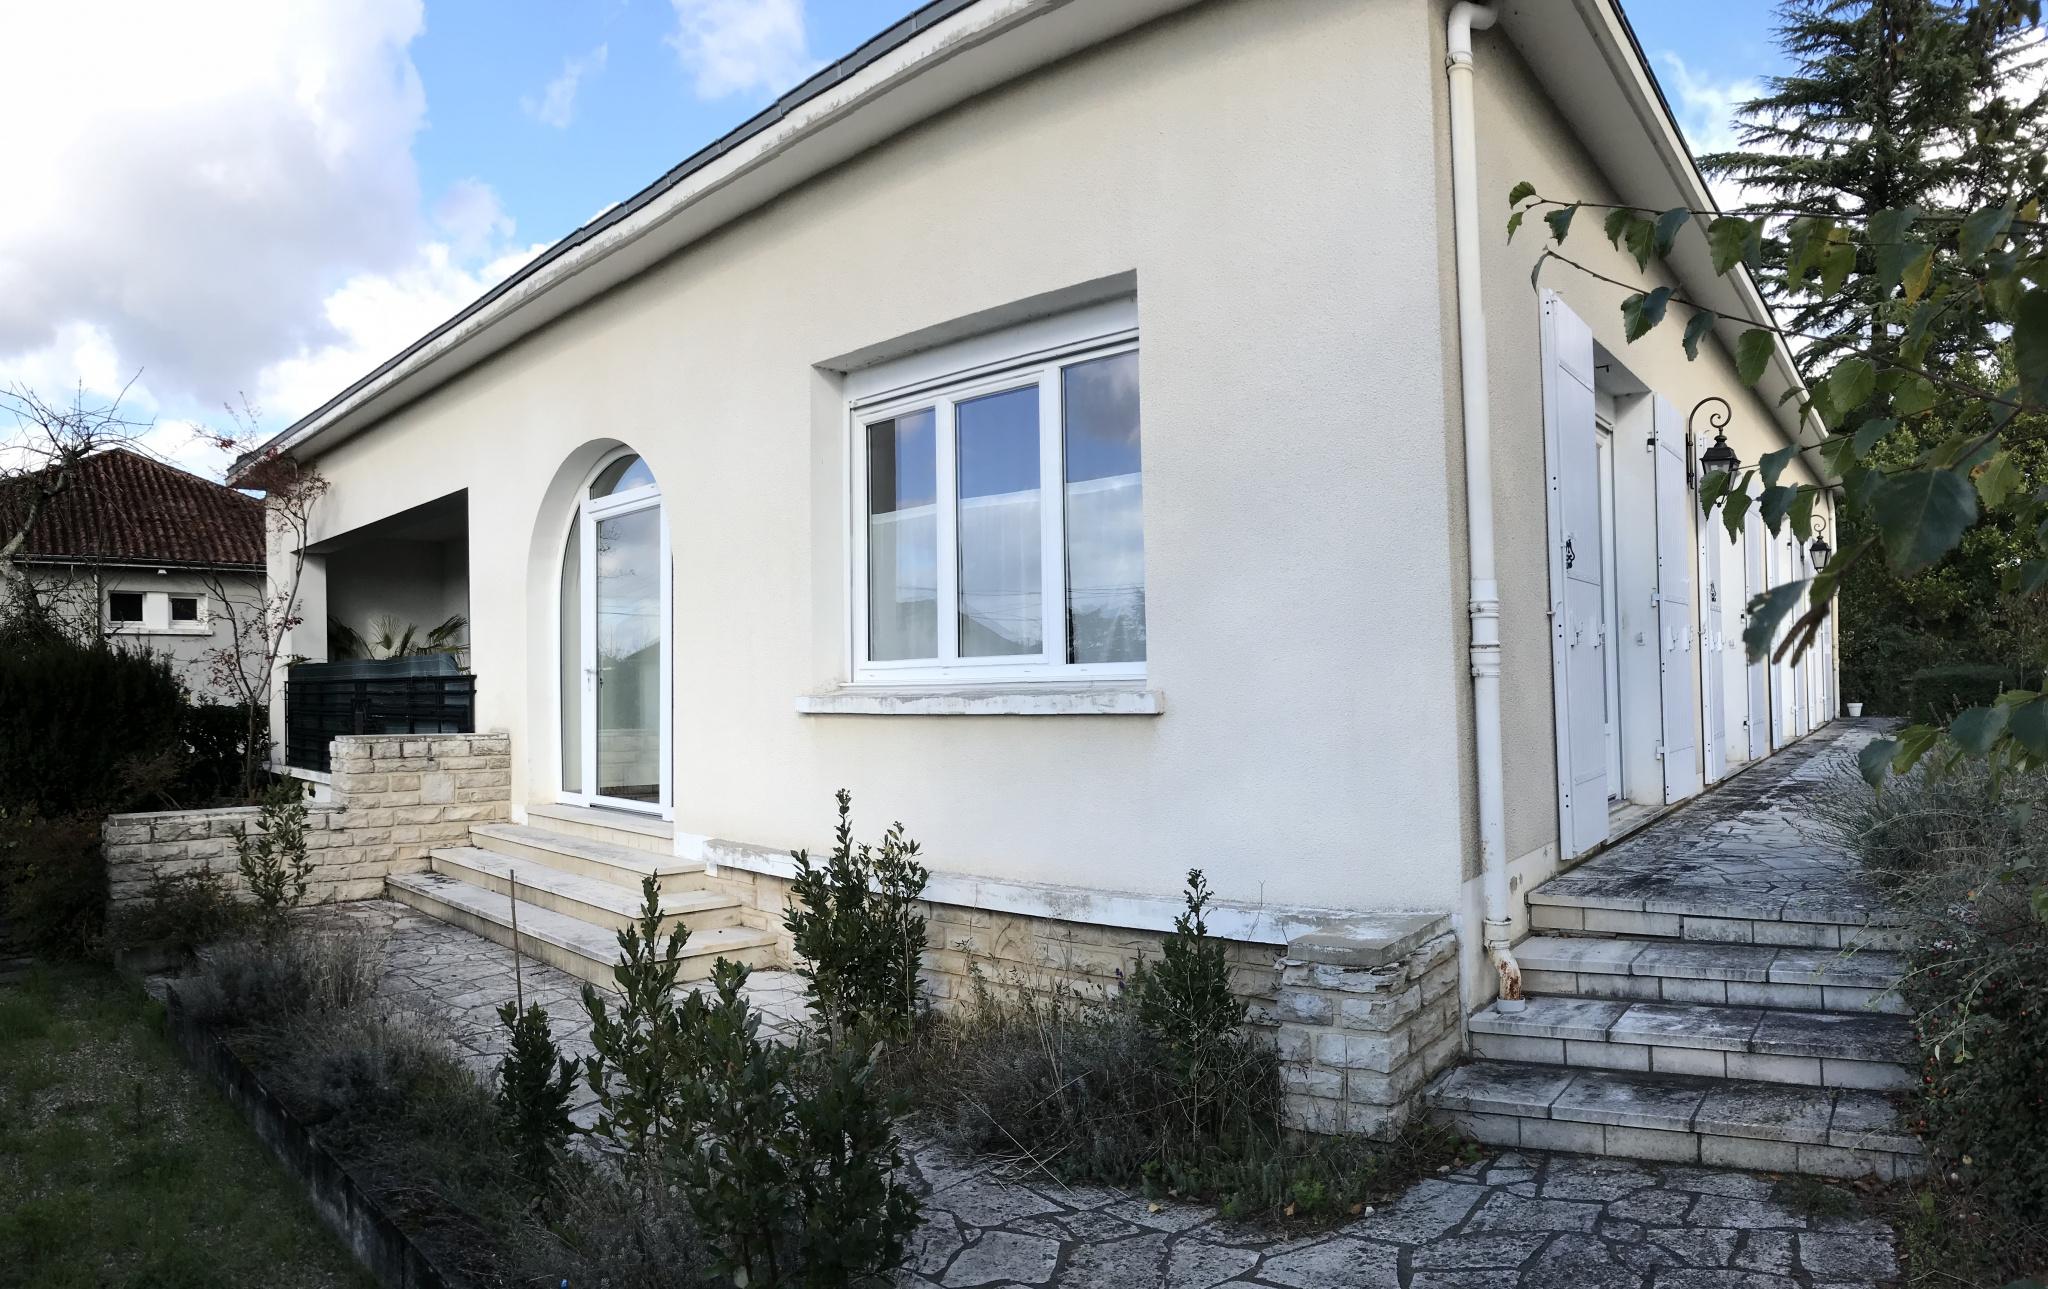 Annonce vente maison p rigueux 24000 165 m 318 000 for Vente maison perigueux